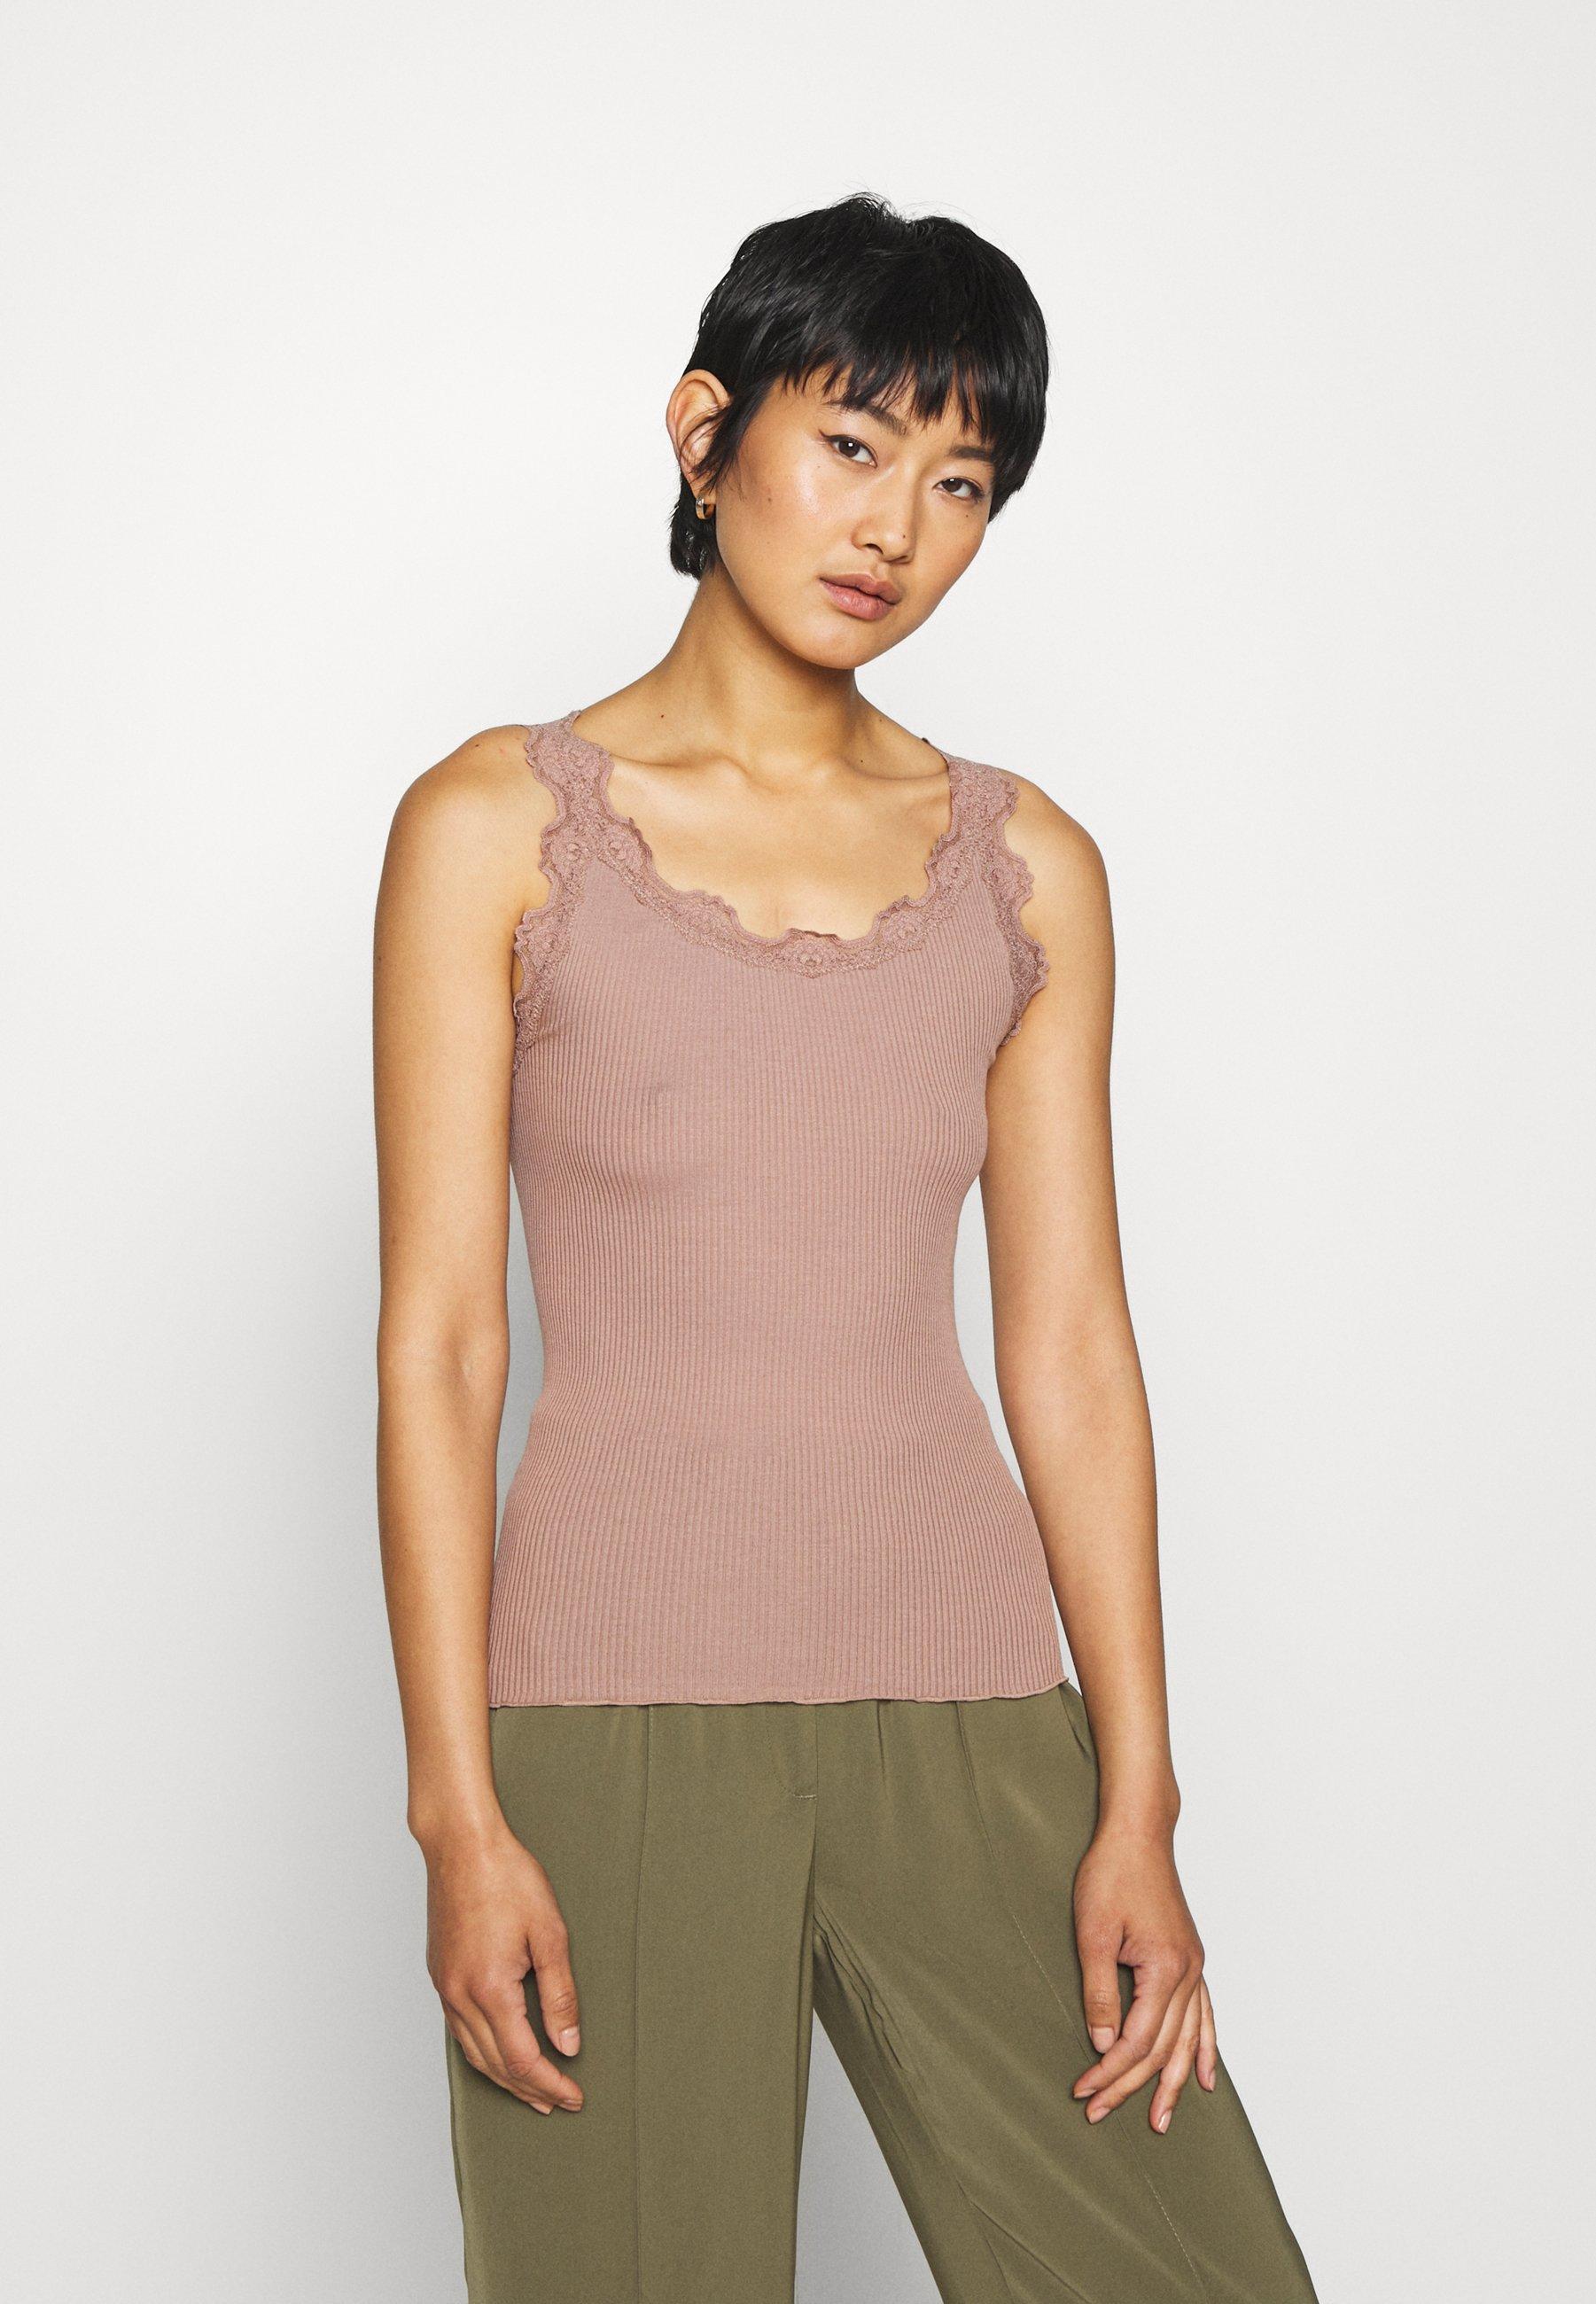 Rosemunde REGULAR VINTAGE - Débardeur - nougat brown - Tops & T-shirts Femme jsUJV